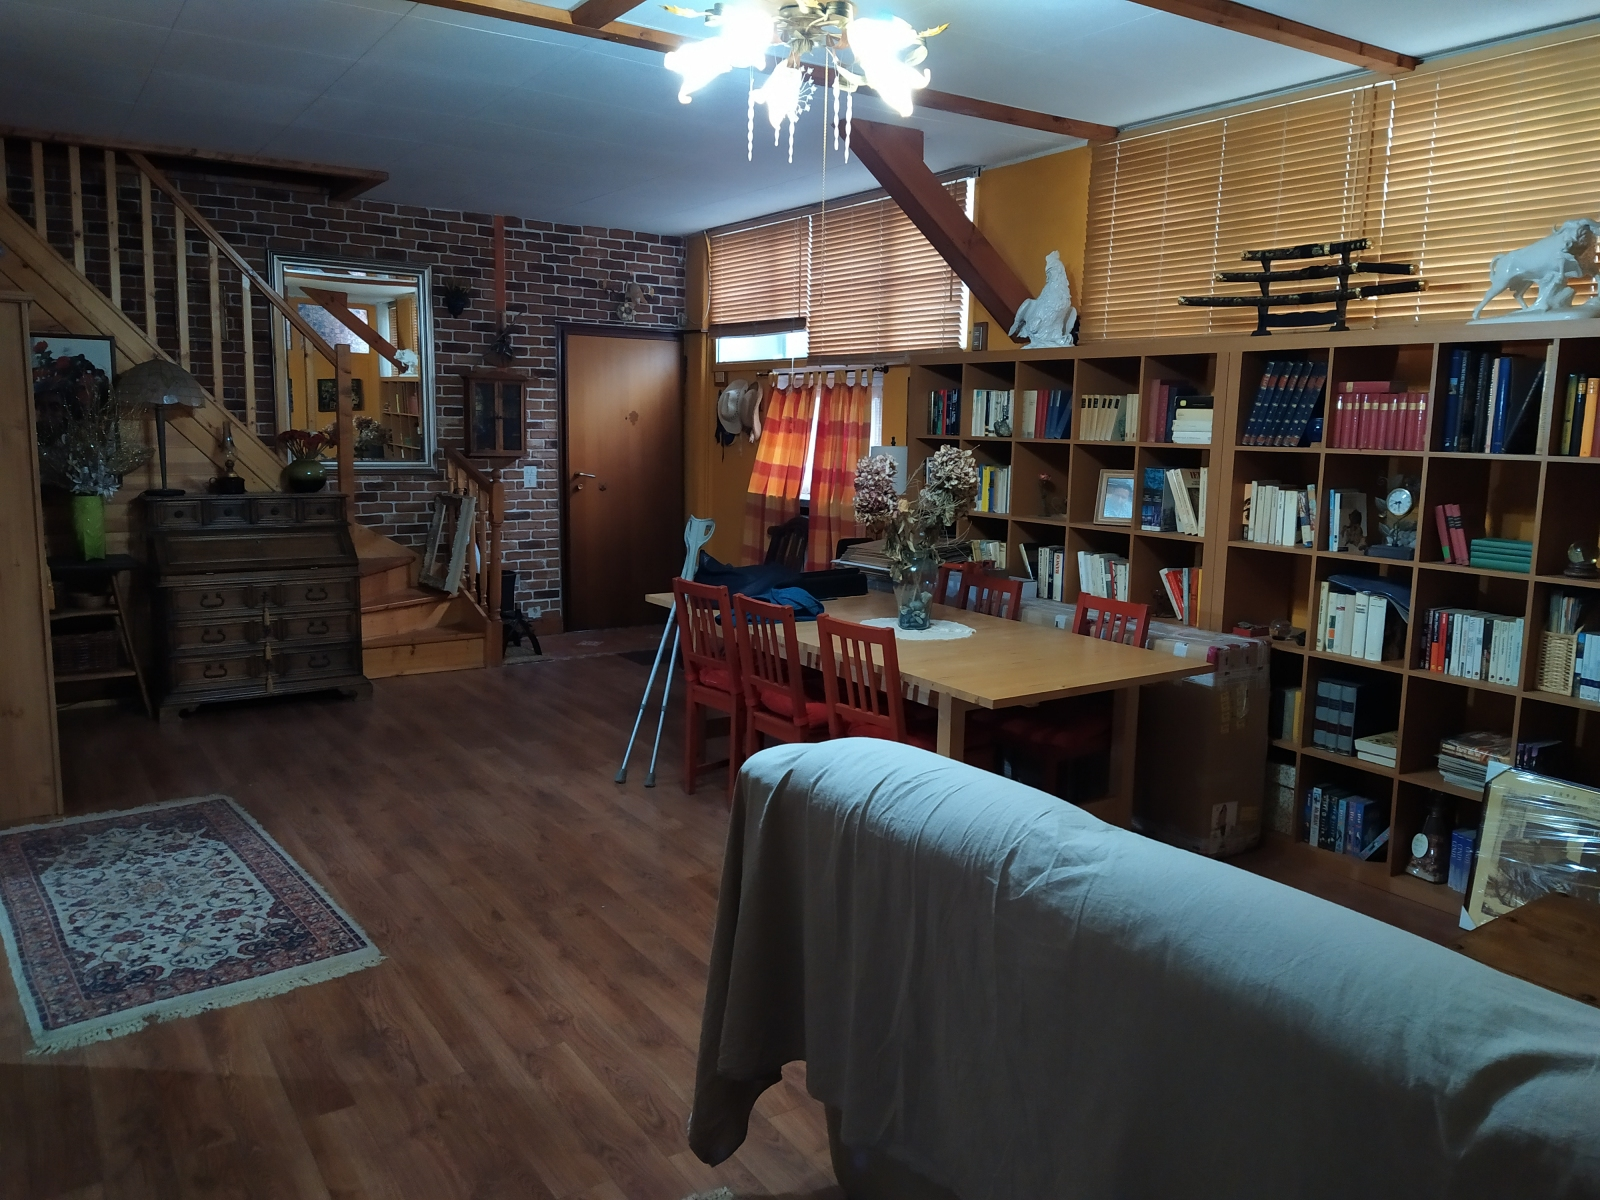 appartamento-loft-in-vendita-milano-provincia-buccinasco-naviglio-grande-spaziourbano-immobiliare-vende-3-locali-open-space-6